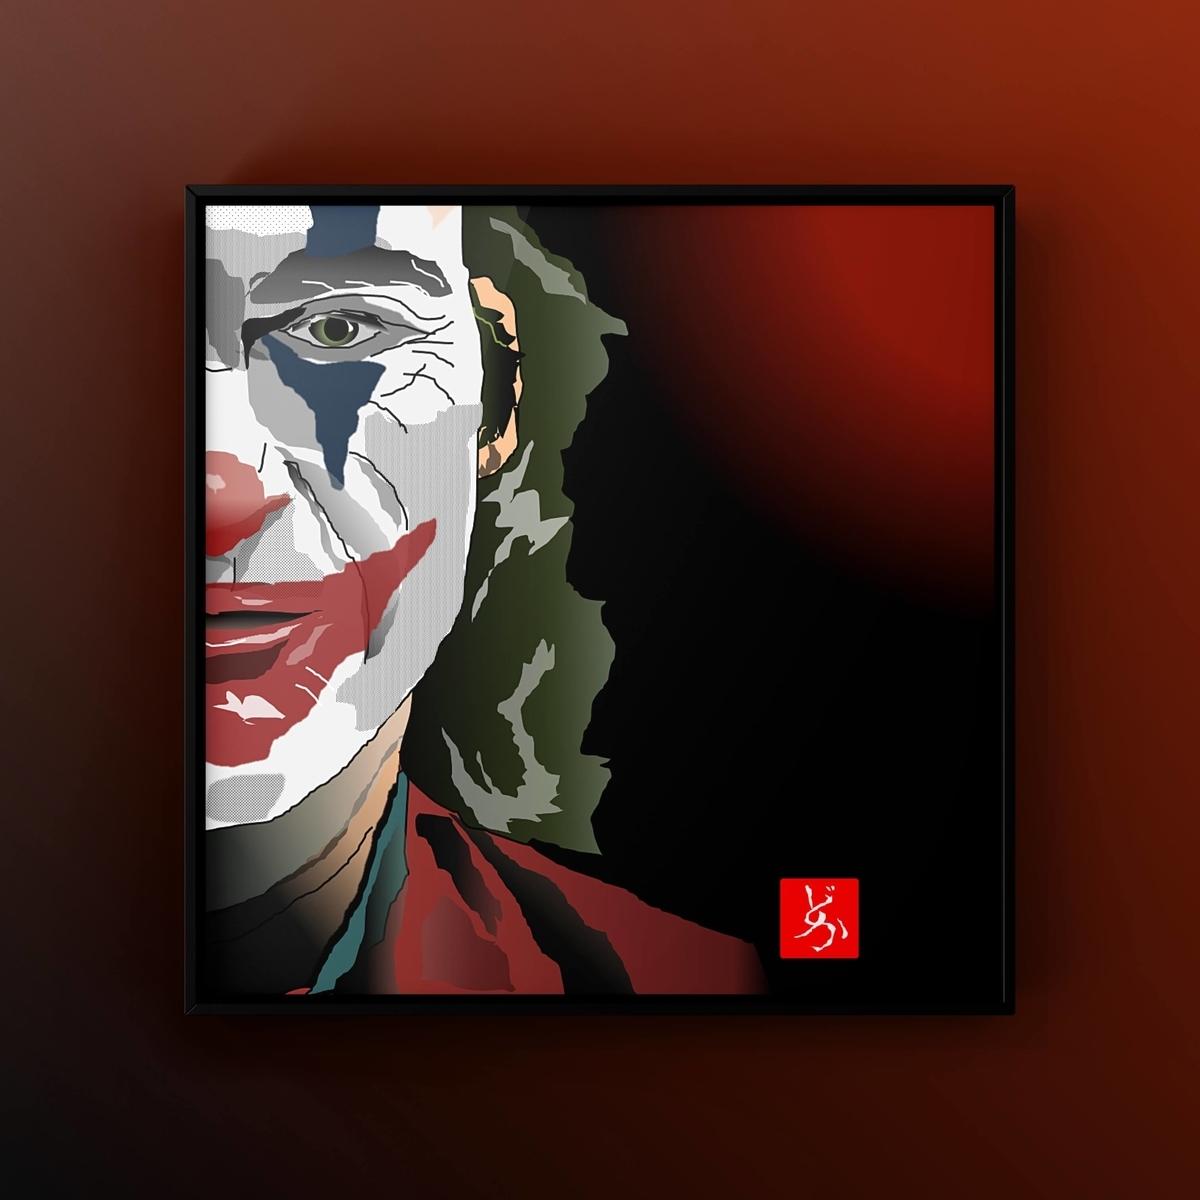 映画「ジョーカー」のエクセル画イラスト額装版